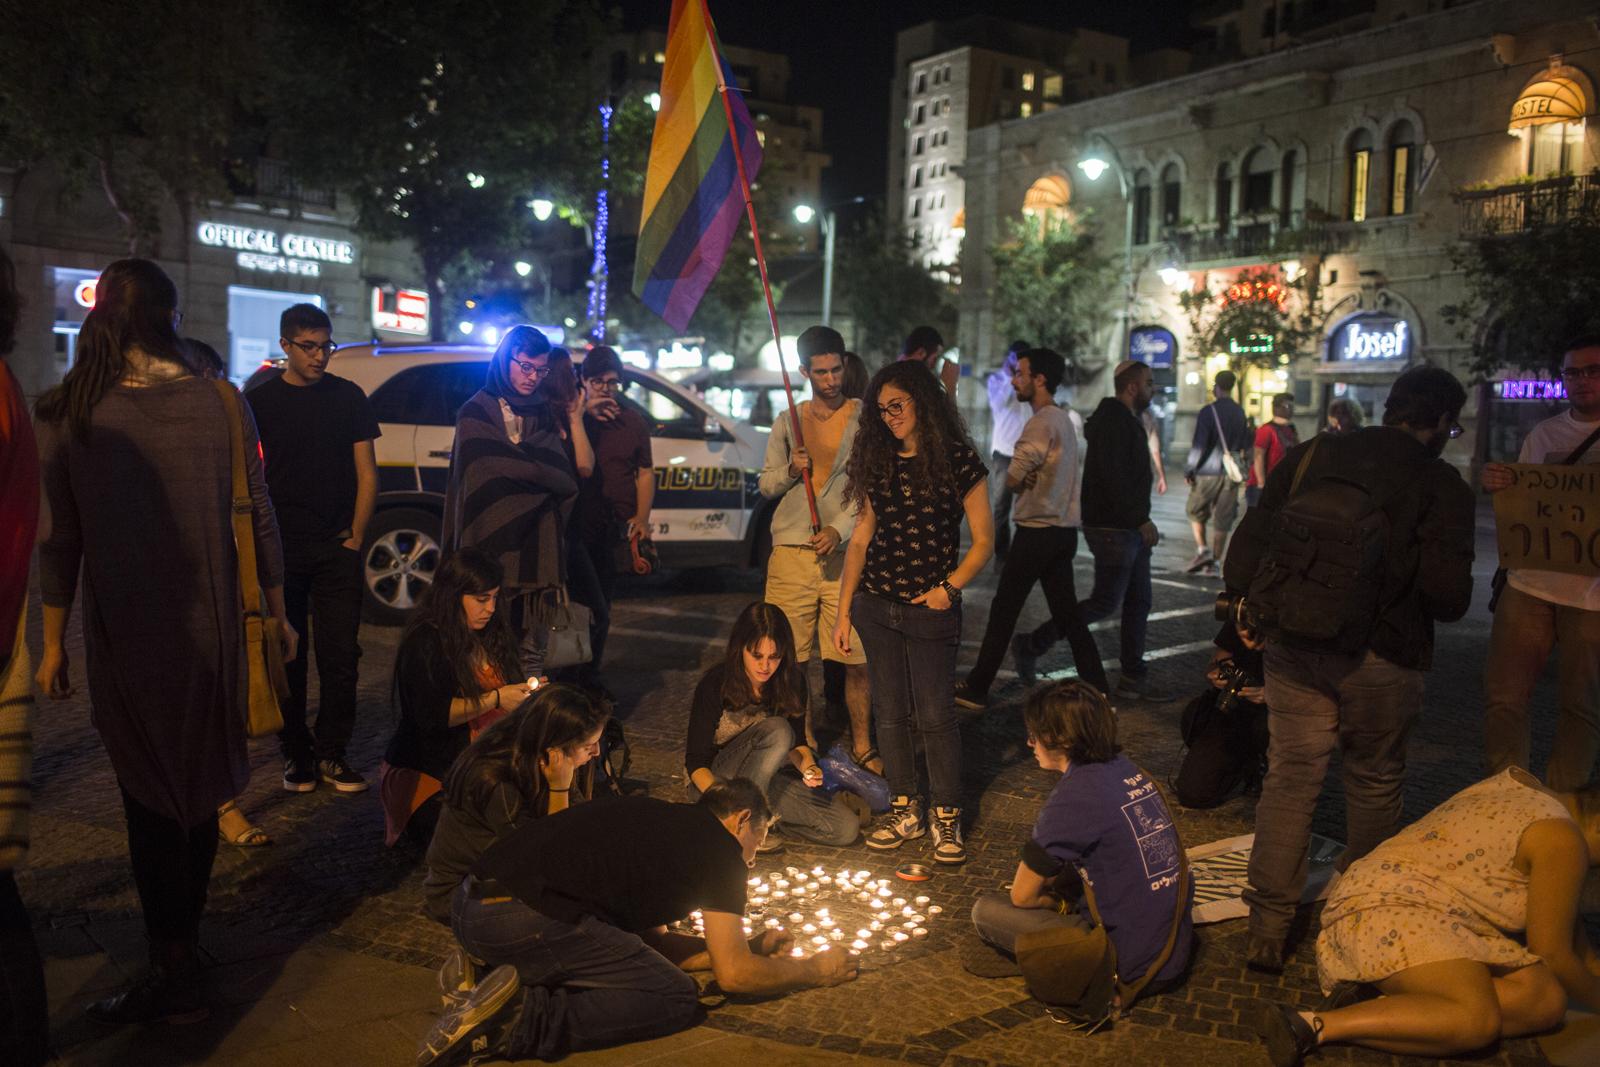 Israelis show solidarity for Pride community in Orlando. Photo by Hadas Parush/Flash90